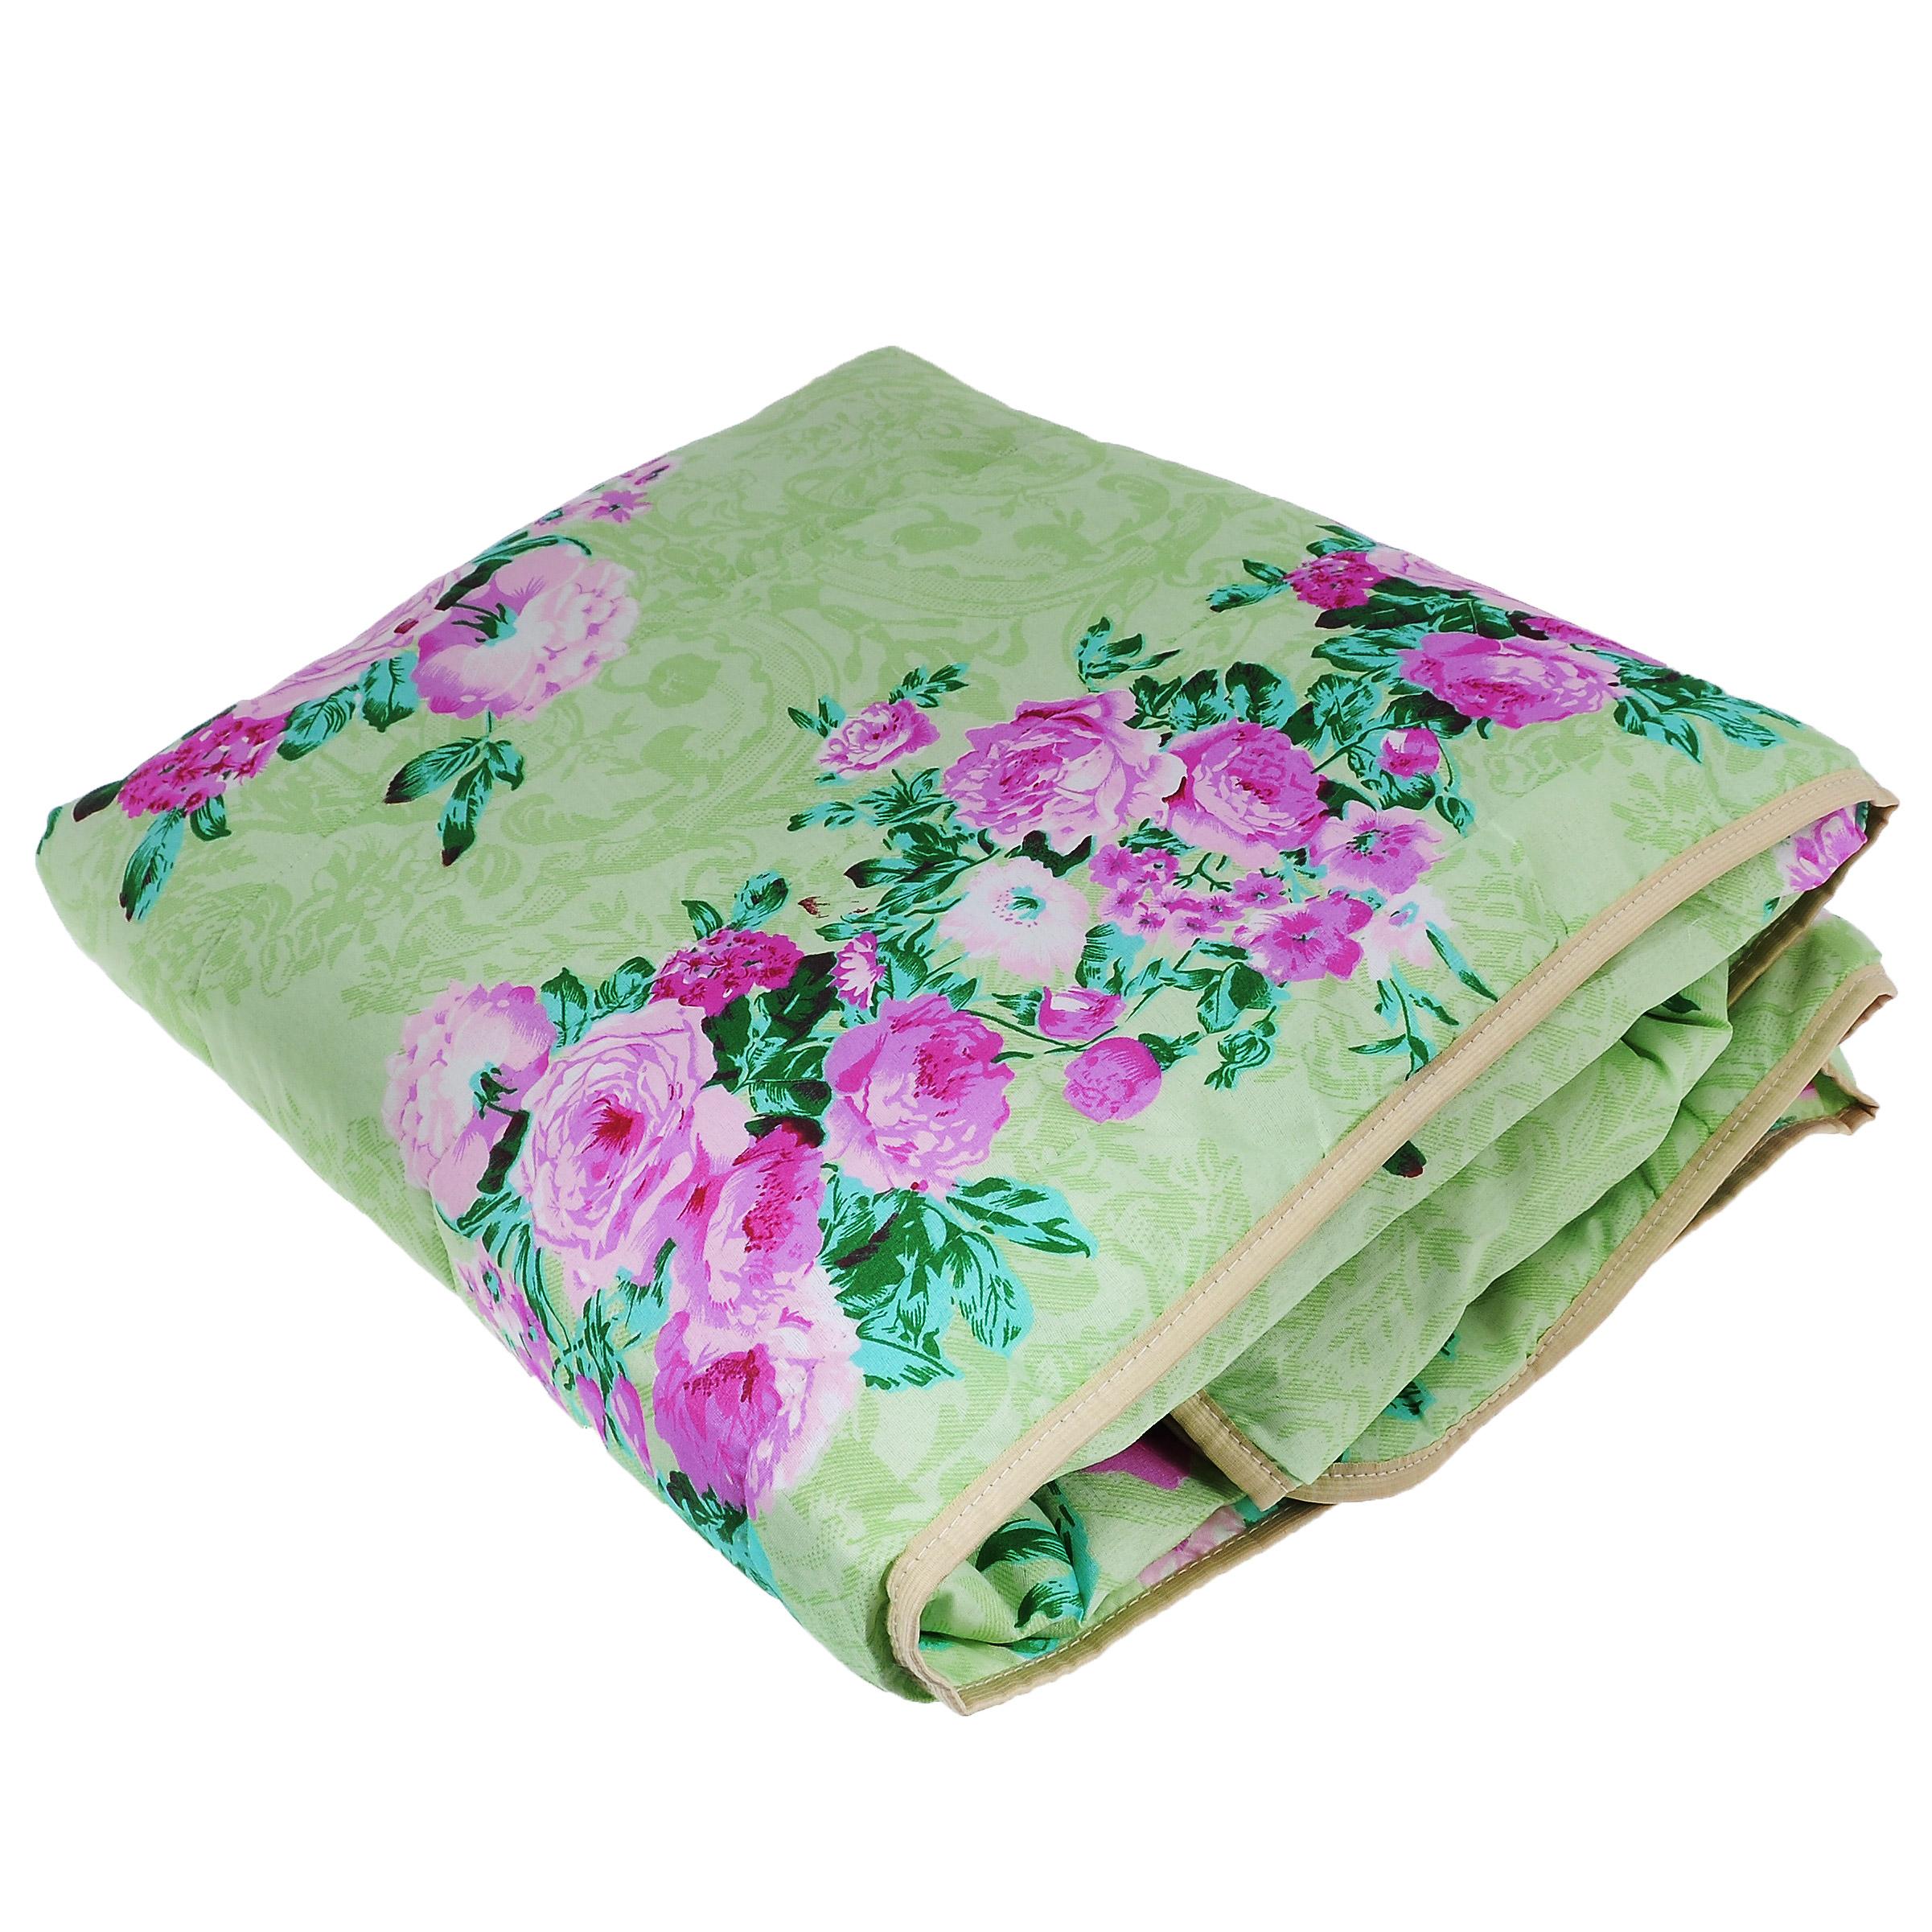 Одеяло летнее OL-Tex Miotex, наполнитель: полиэфирное волокно Holfiteks, цвет: салатовый, розовый, 172 см х 205 см531-105Легкое летнее одеяло OL-Tex Miotex создаст комфорт и уют во время сна. Чехол выполнен из полиэстера и оформлен красочным рисунком. Внутри - современный наполнитель из полиэфирного высокосиликонизированного волокна Holfiteks, упругий и качественный. Прекрасно держит тепло. Одеяло с наполнителем Holfiteks легкое и комфортное. Даже после многократных стирок не теряет свою форму, наполнитель не сбивается, так как одеяло простегано и окантовано. Не вызывает аллергии. Holfiteks - это возможность легко ухаживать за своими постельными принадлежностями. Можно стирать в машинке, изделия быстро и полностью высыхают - это обеспечивает гигиену спального места при невысокой цене на продукцию.Плотность: 100 г/м2.